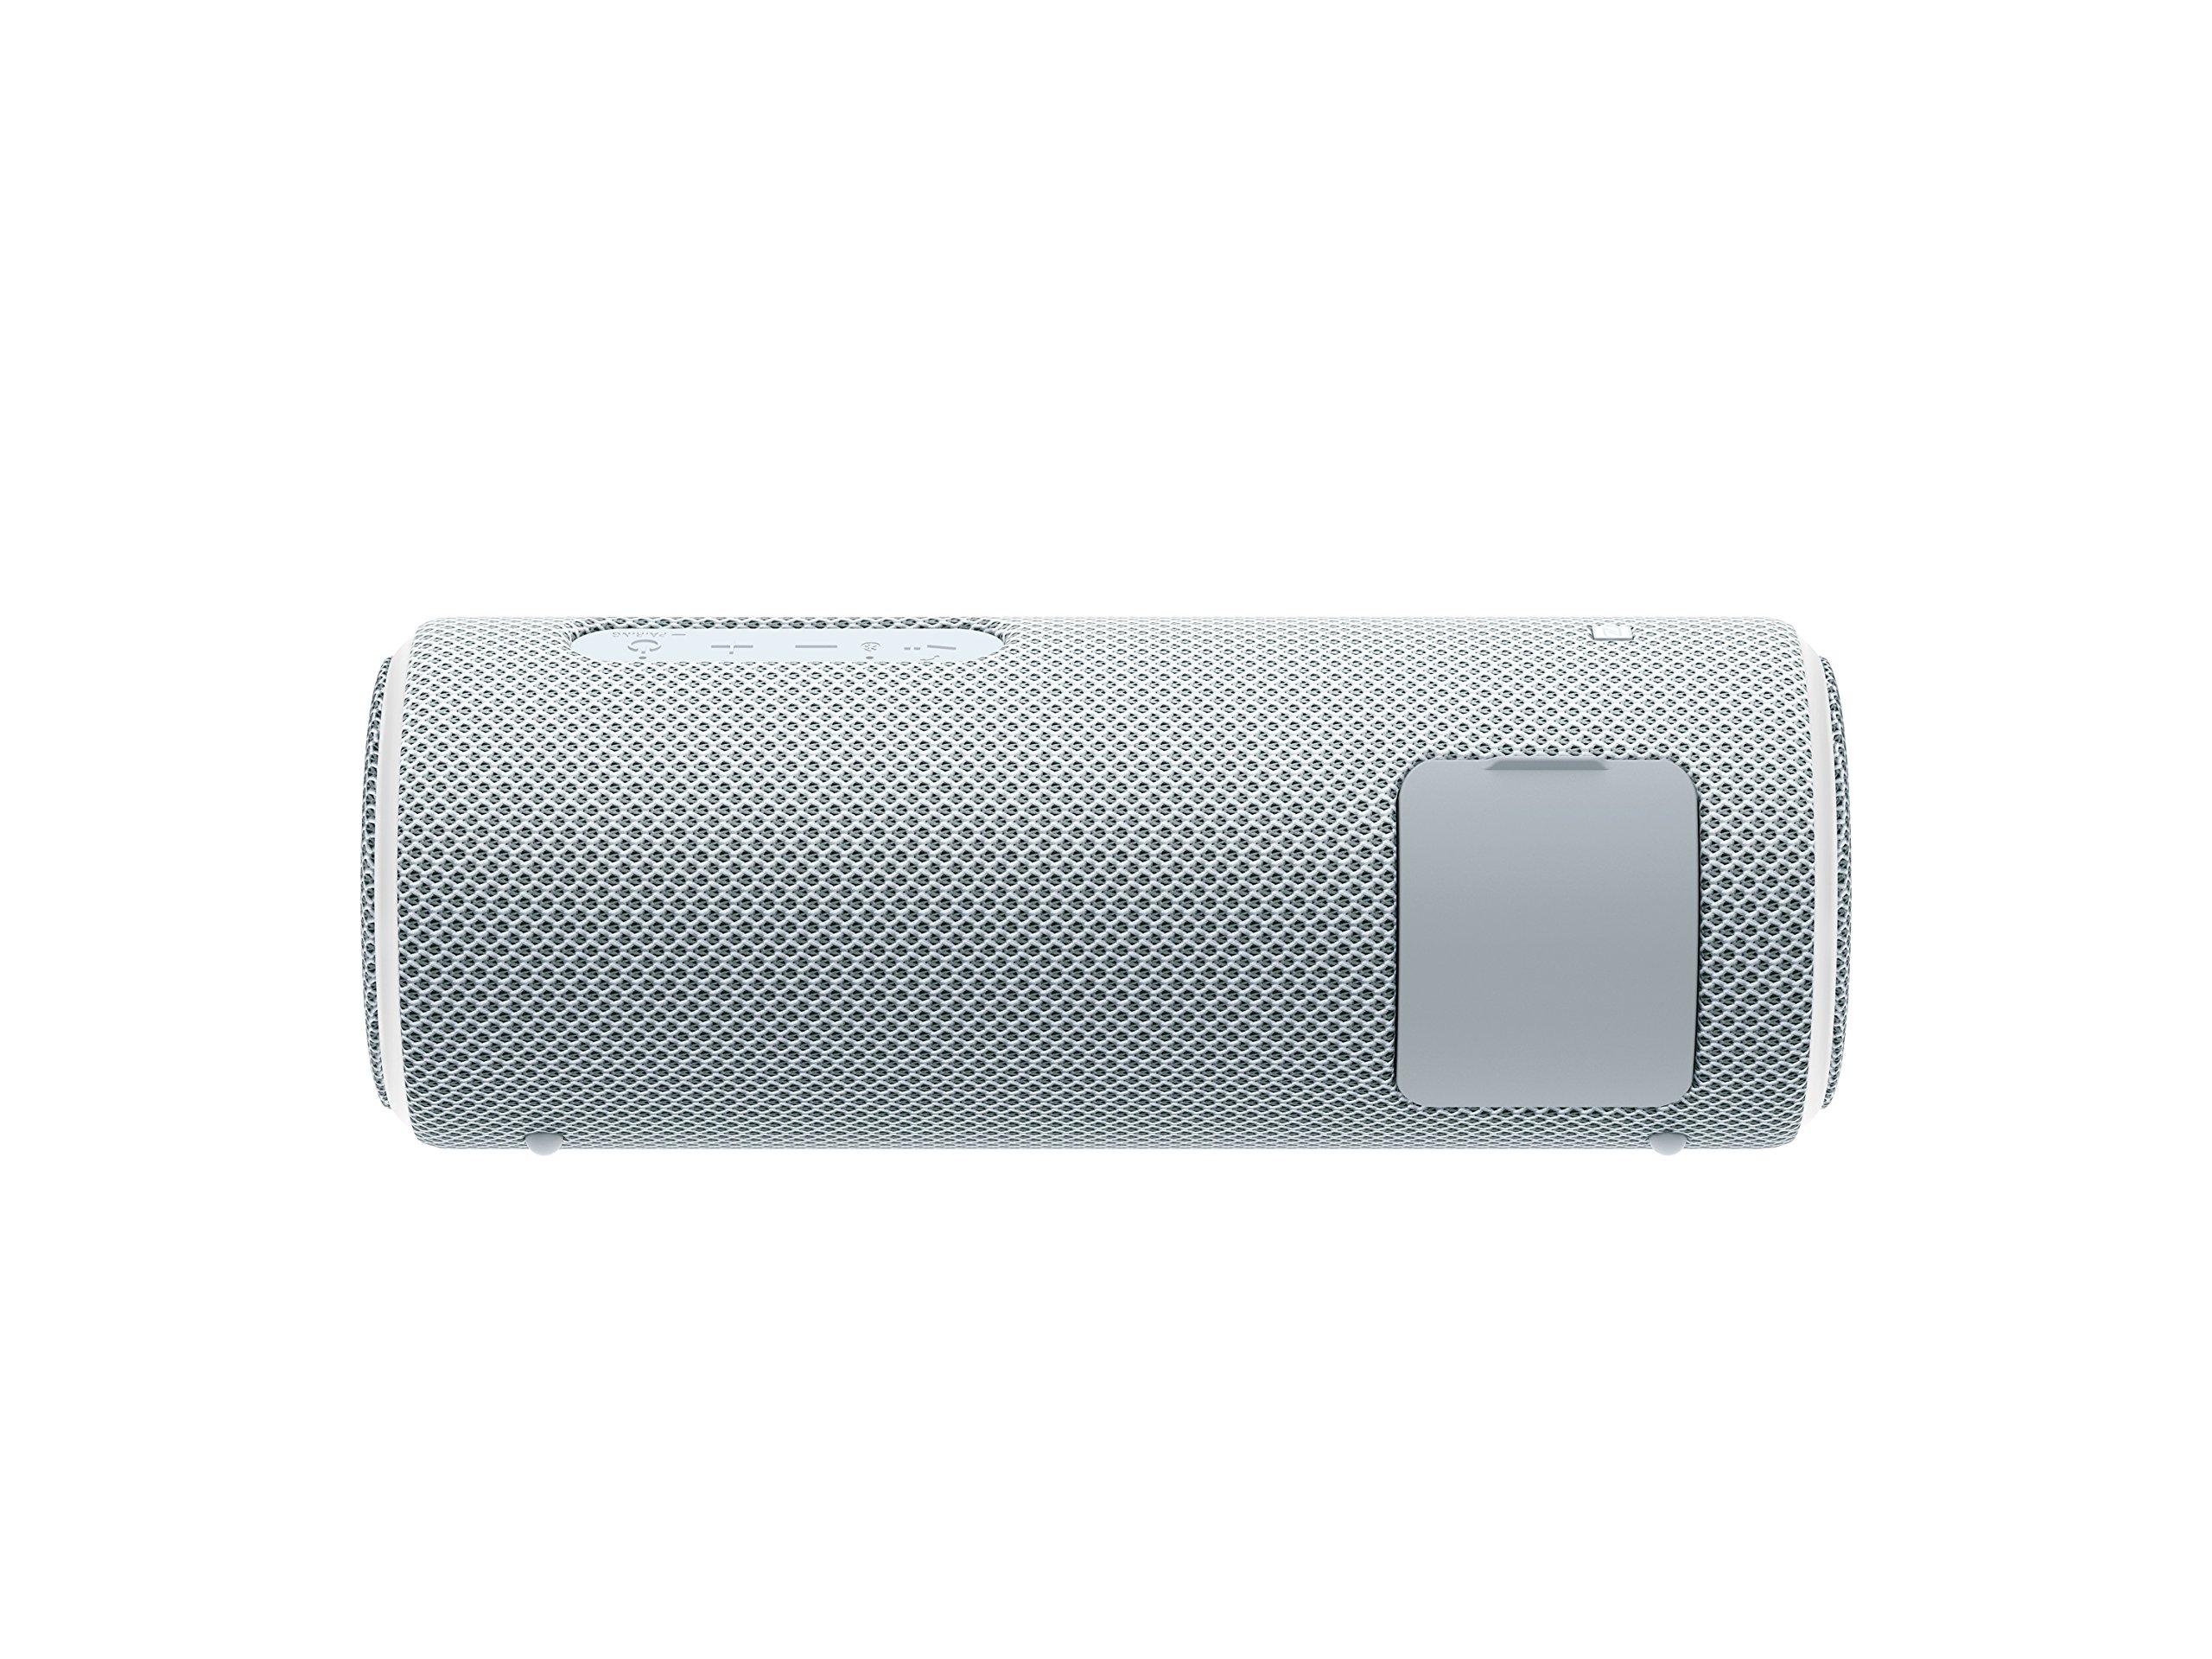 Sony Portable Wireless Waterproof Speaker 4